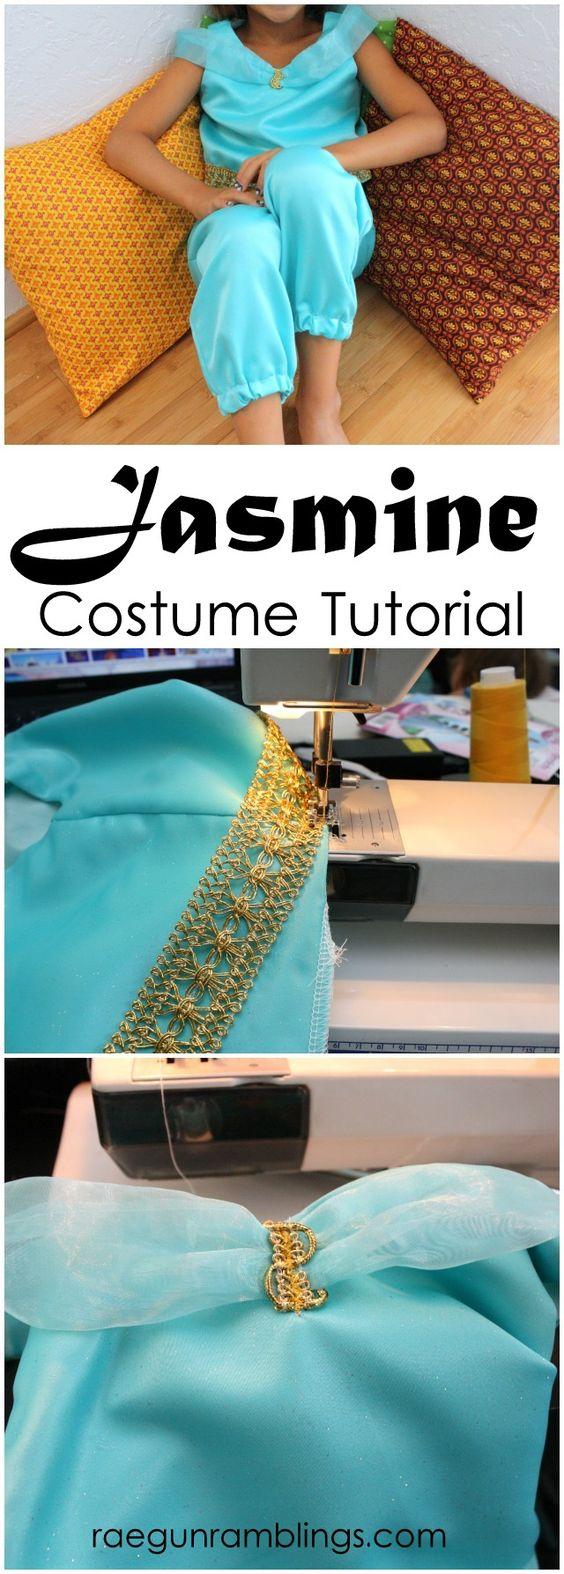 DIY Princess Jasmine Costume.